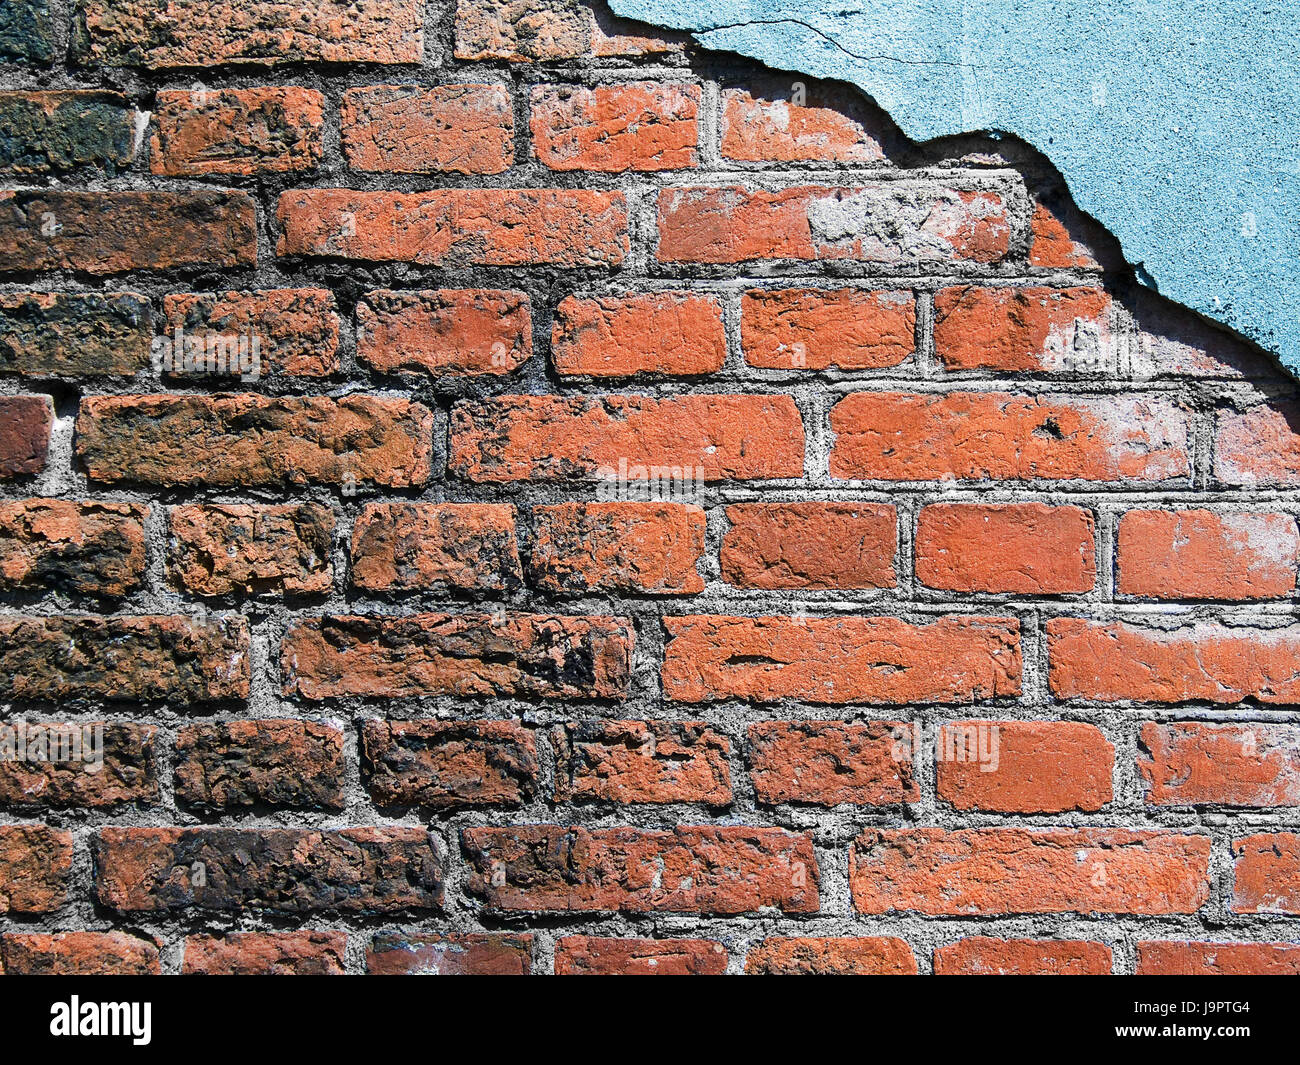 Peinture Pour Brique Extérieur mur de défense en brique rouge, chute,bleu,plâtre,medium